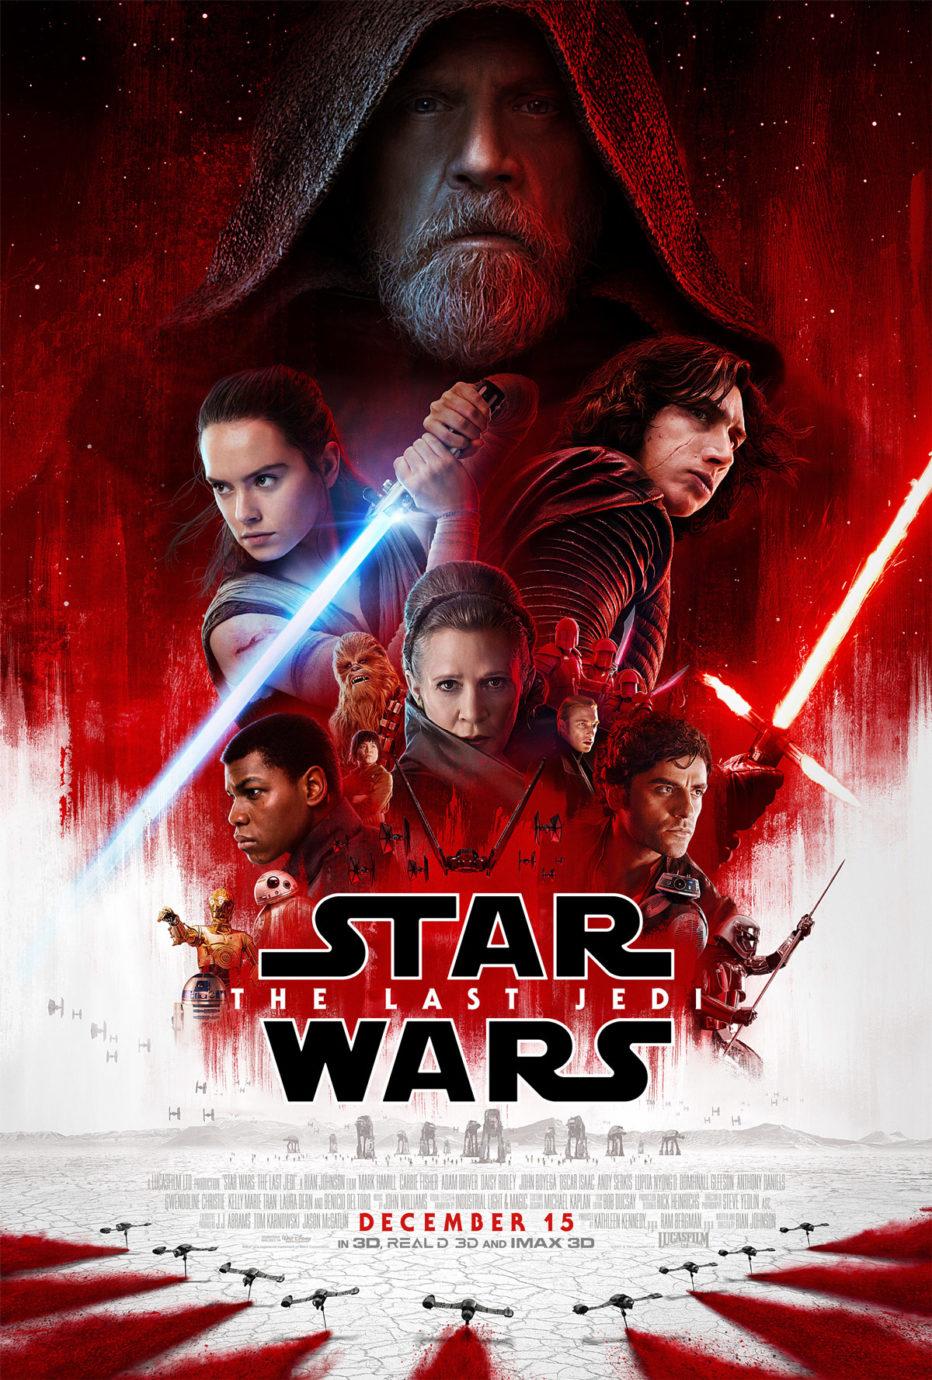 ¡¡Segundo y brutal trailer de Star Wars: Los últimos Jedi!!